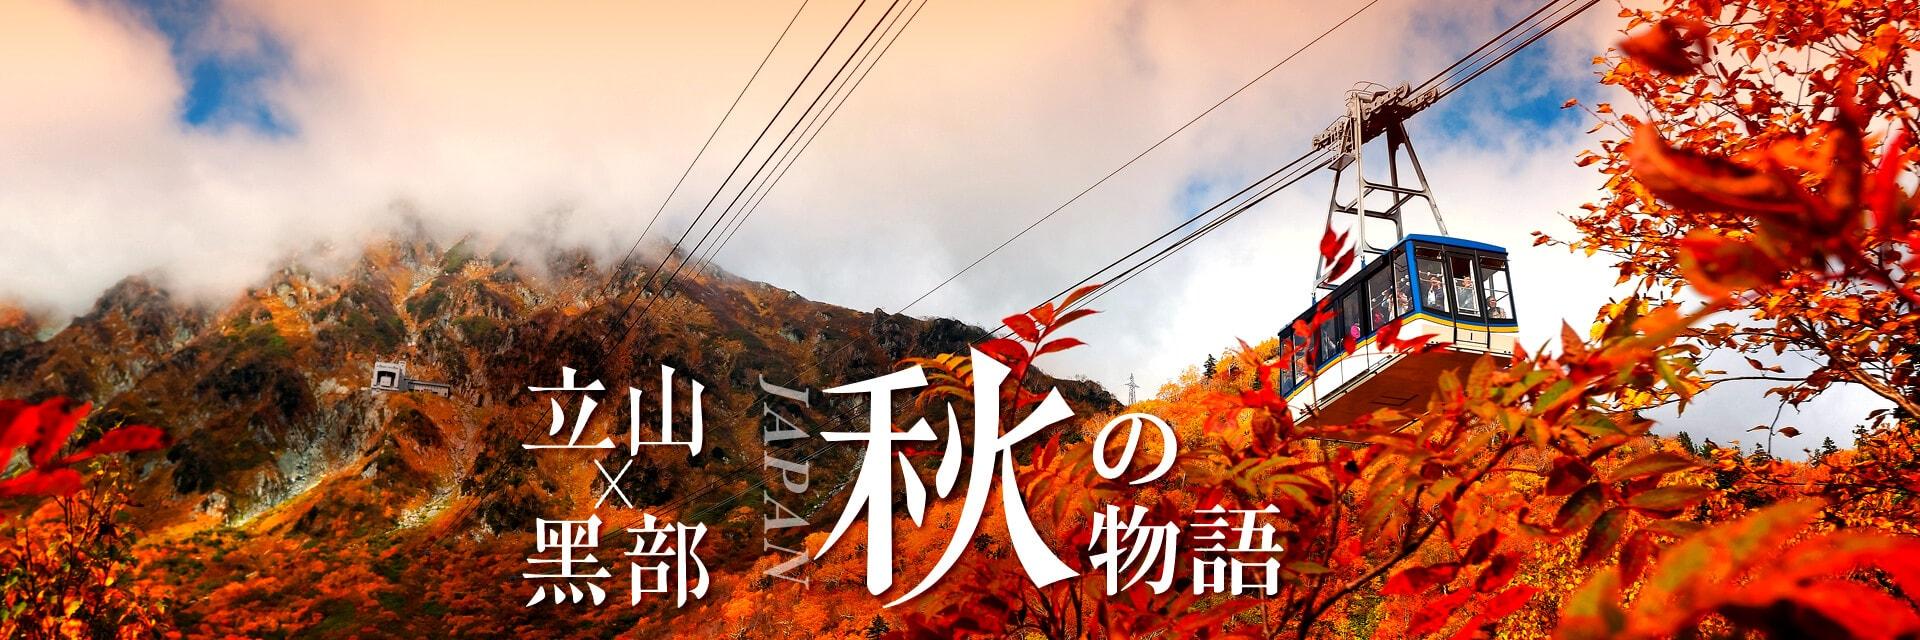 黑部立山,賞楓,紅葉,楓紅